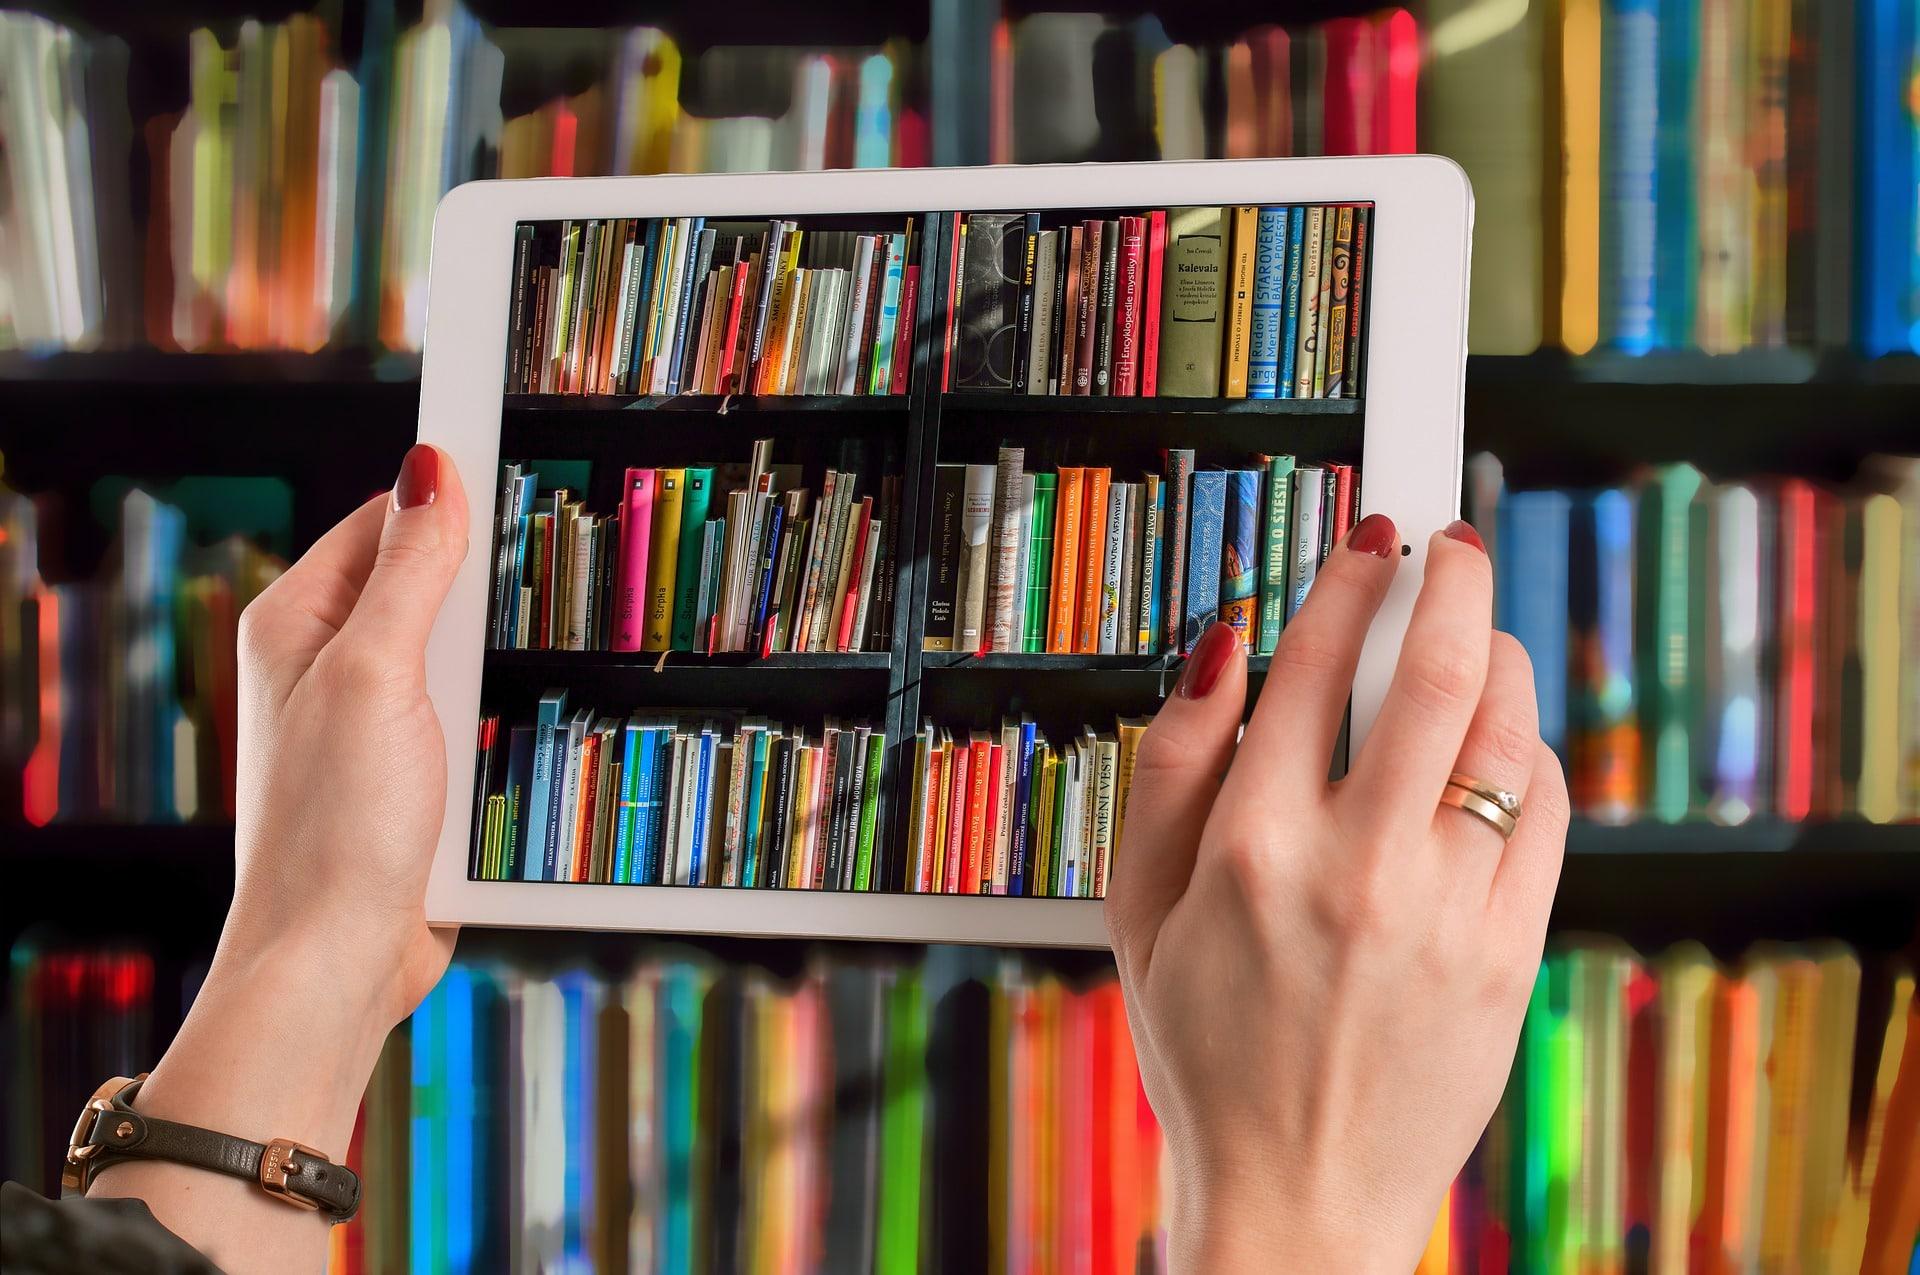 digitale prentenboeken of e-boeken